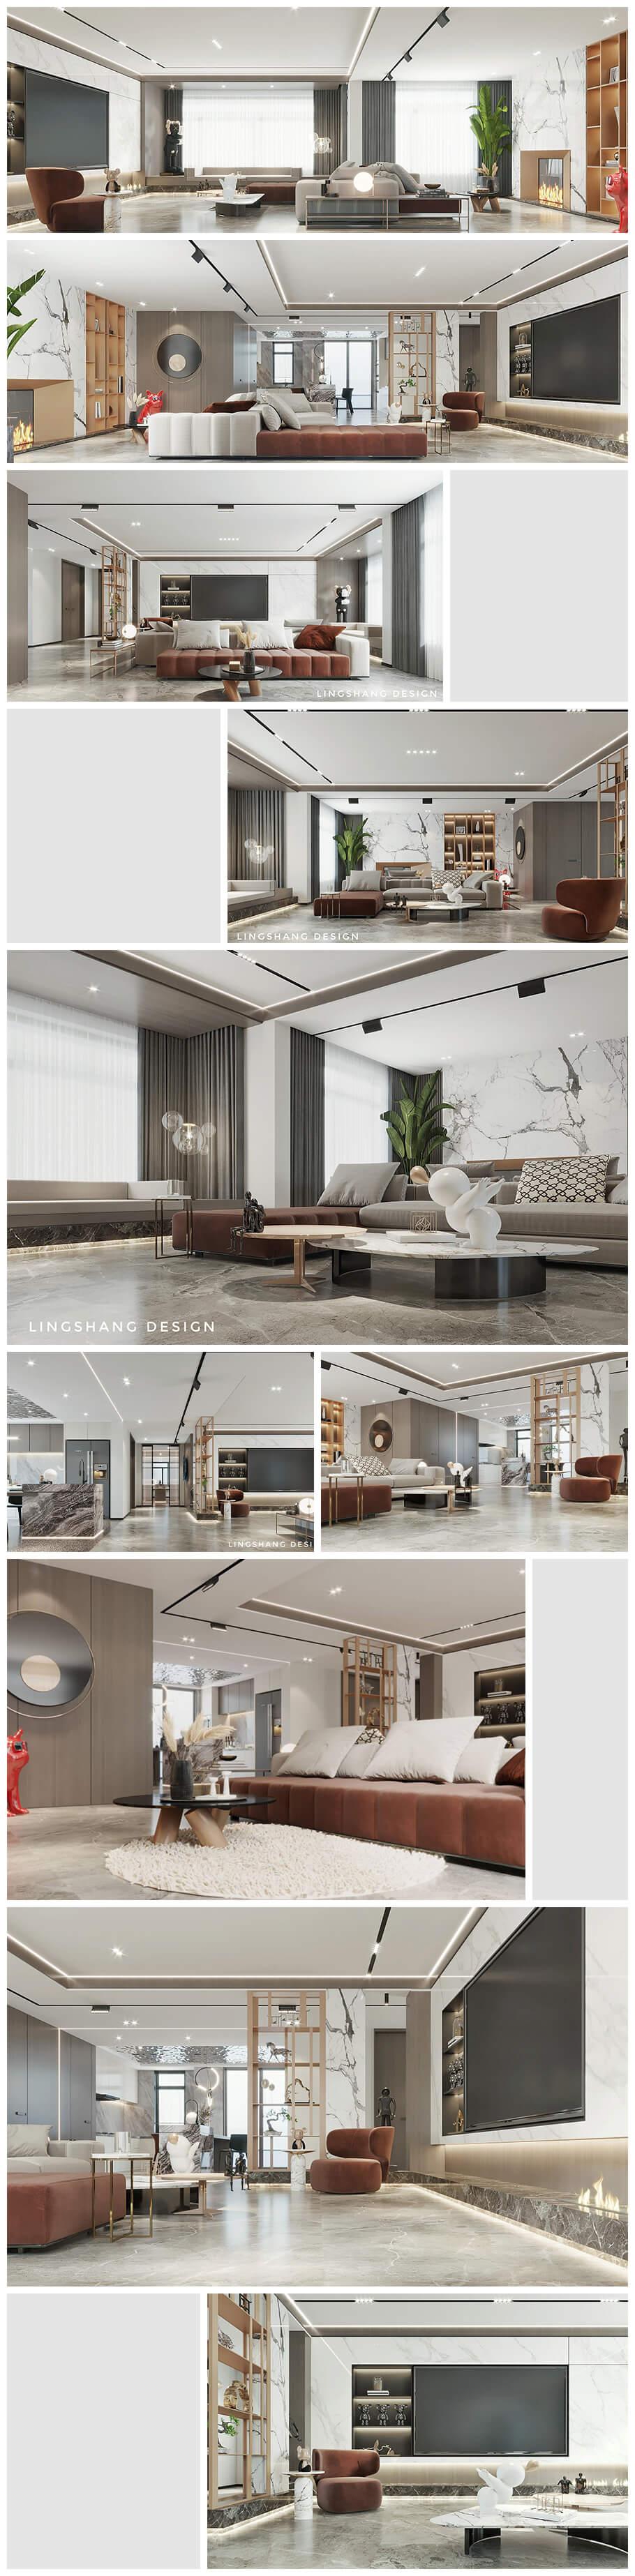 沈阳大宅室内设计排名